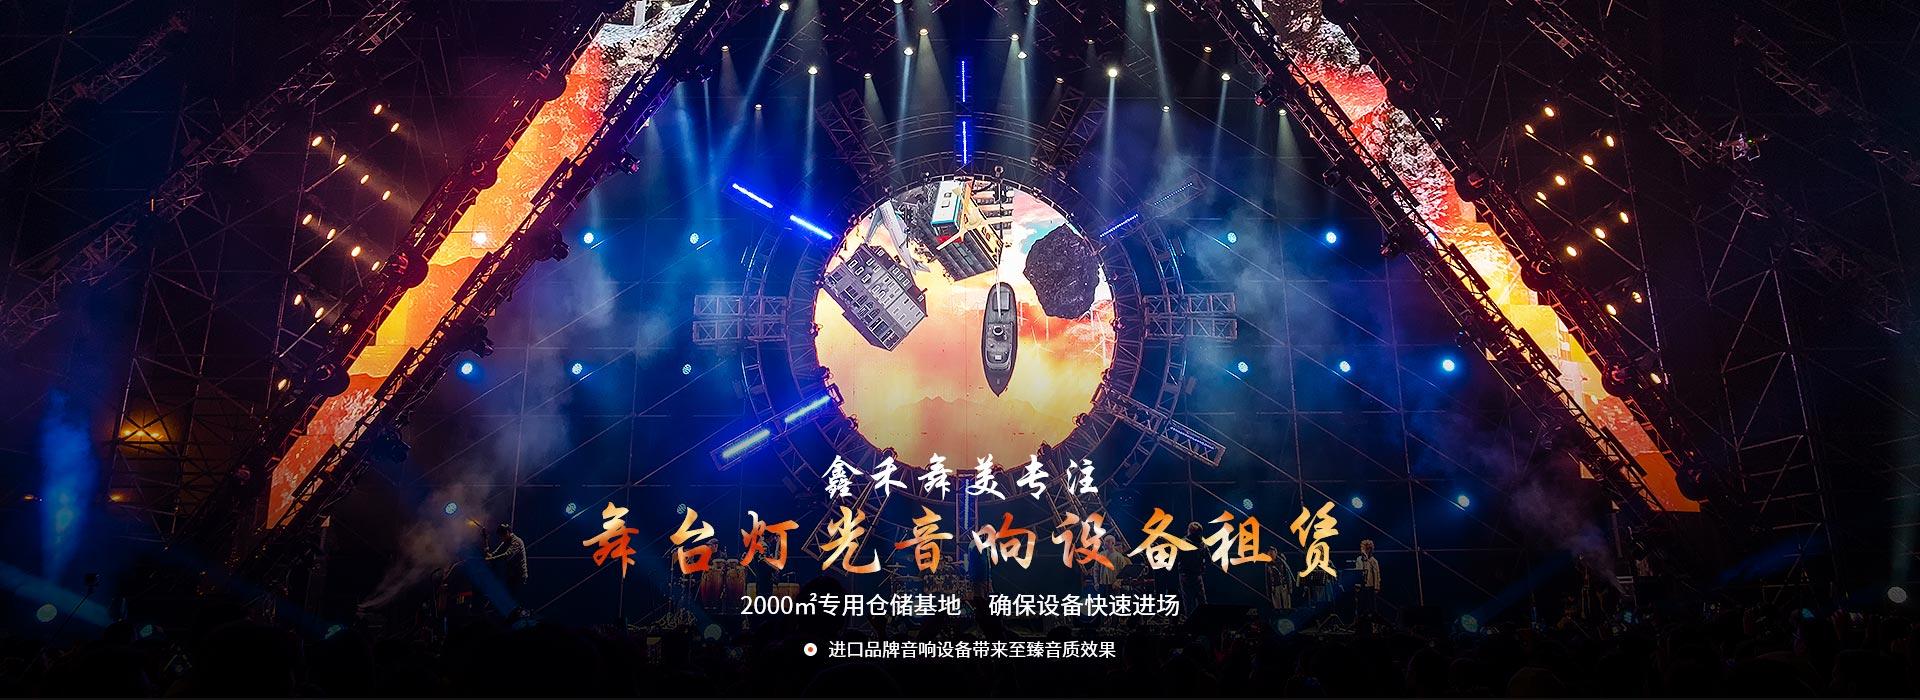 鑫禾舞美专注舞台灯光音响设备租赁